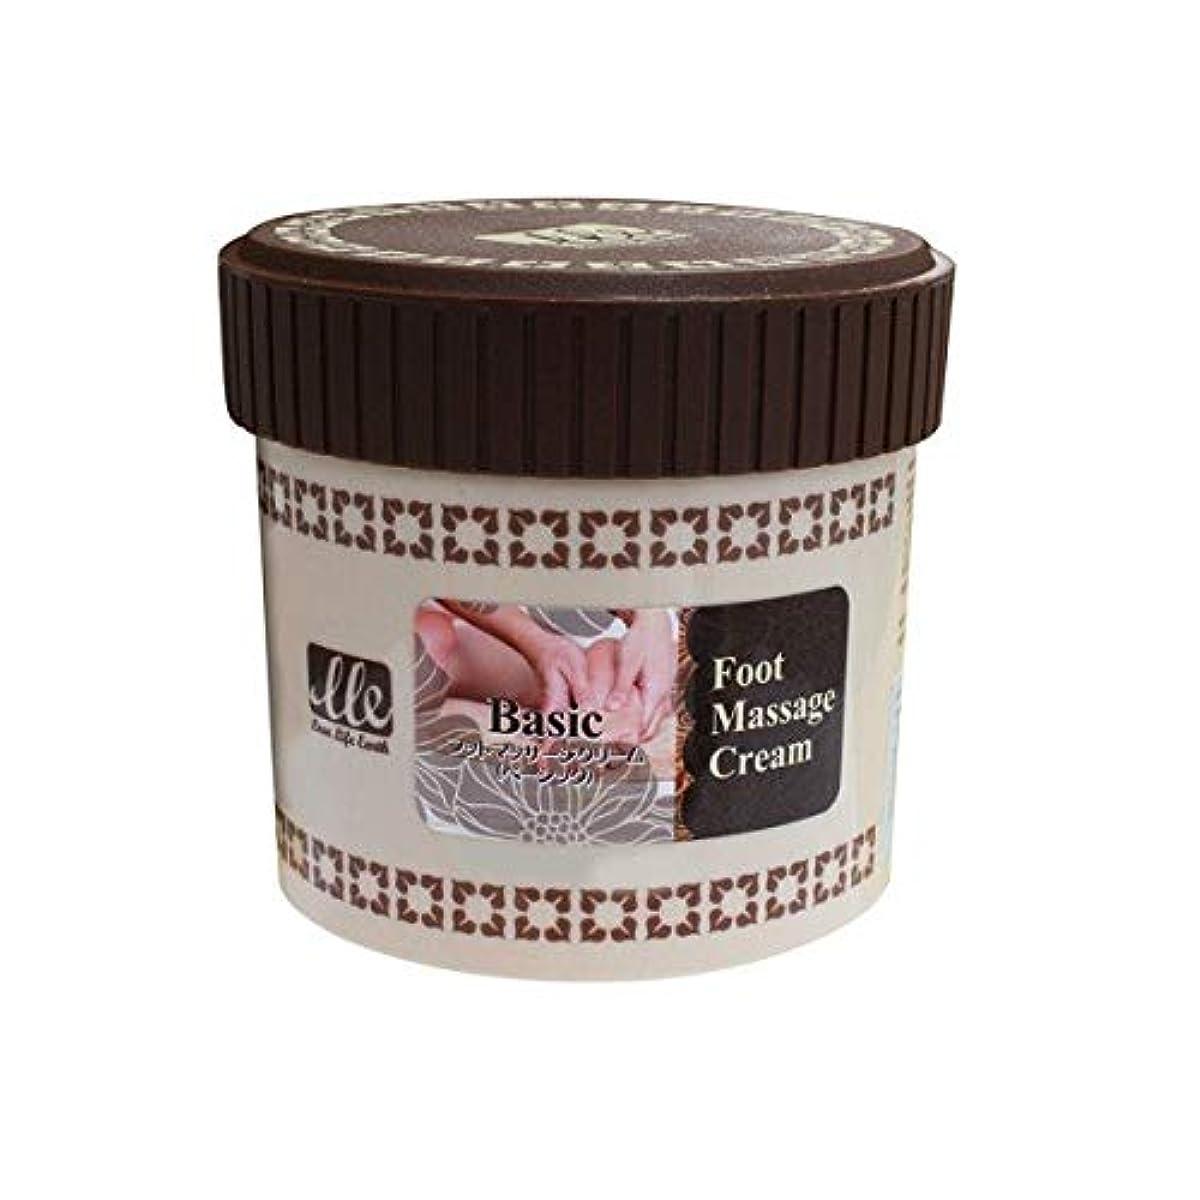 ピケ収束する麺LLE フットマッサージクリーム 業務用 450g (ベーシック) マッサージクリーム フットマッサージクリーム エステ用品